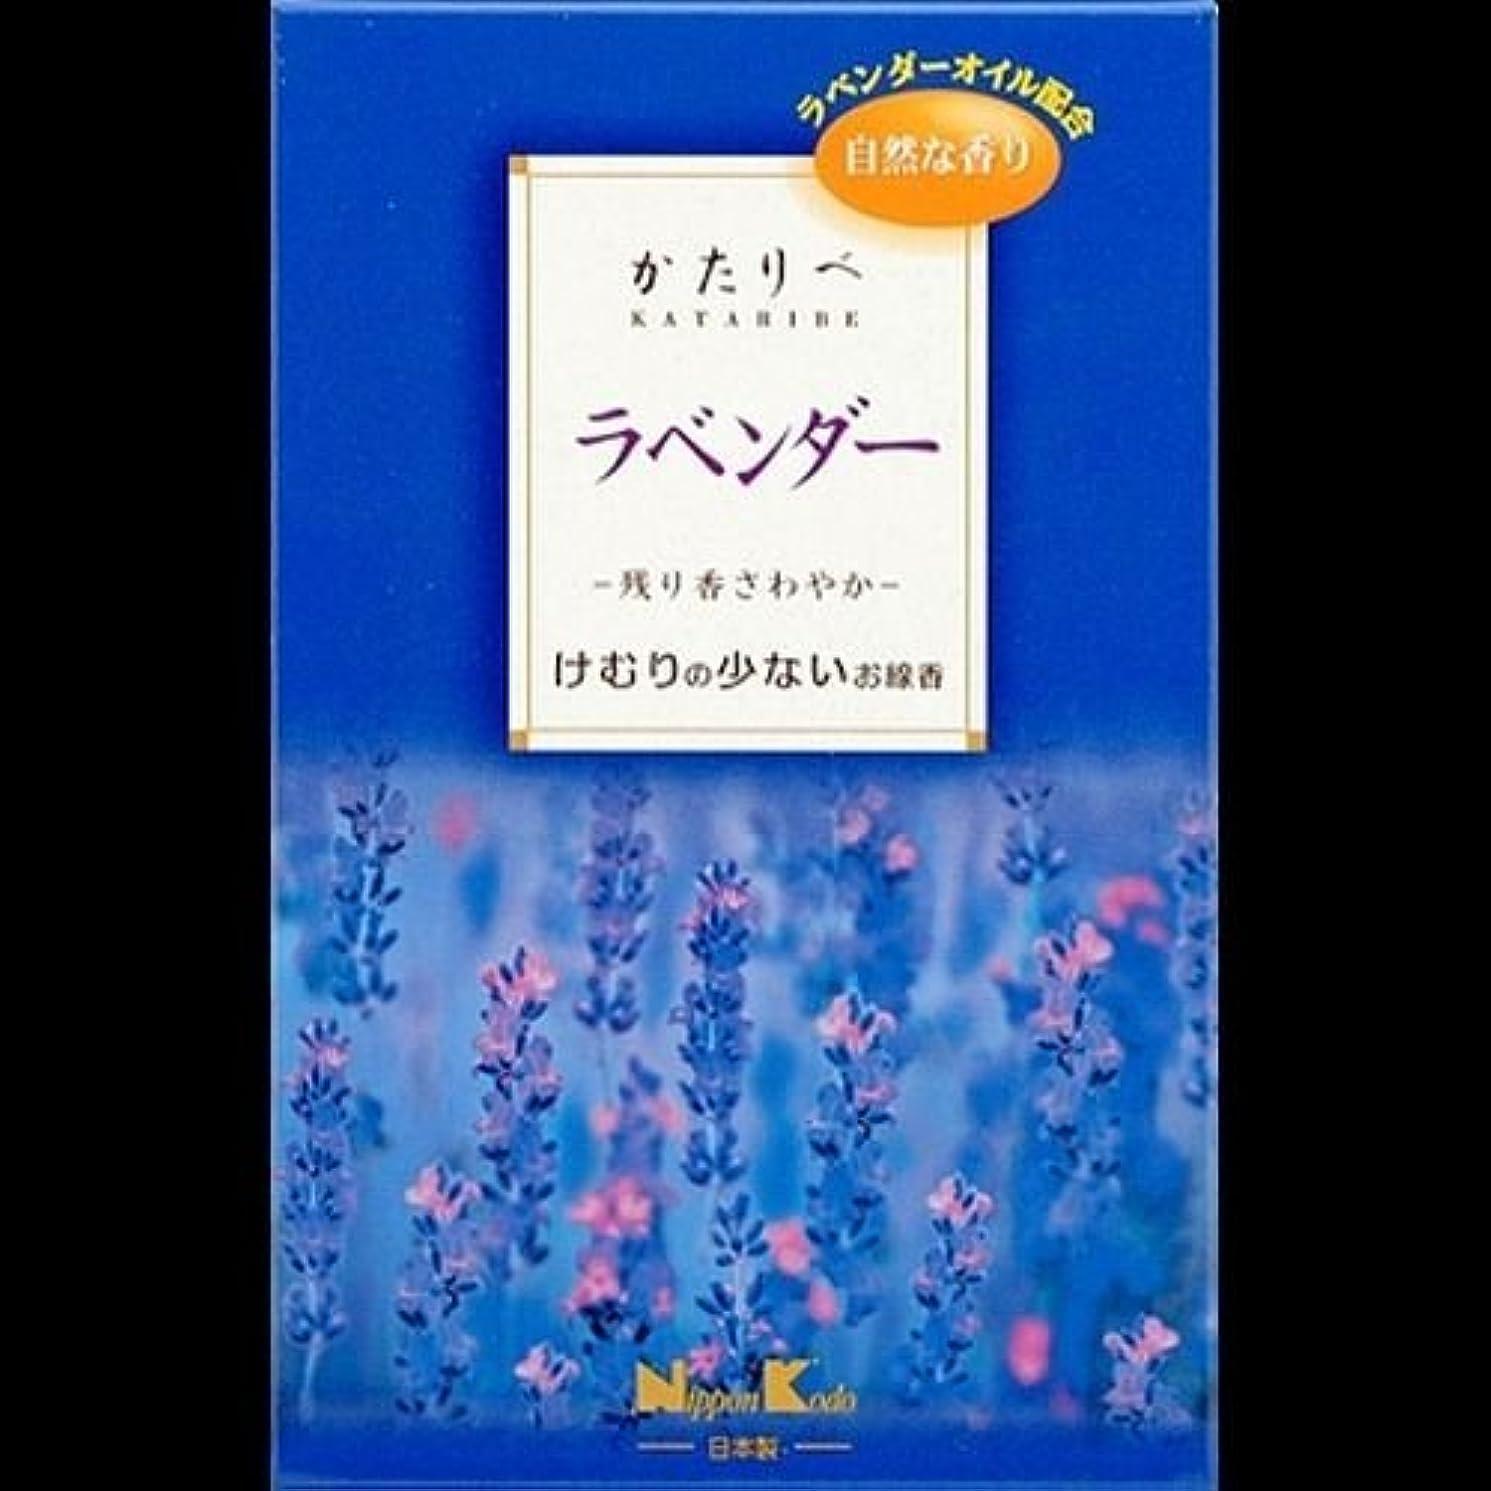 爆発南東豆【まとめ買い】かたりべ ラベンダー 大型バラ詰 ×2セット